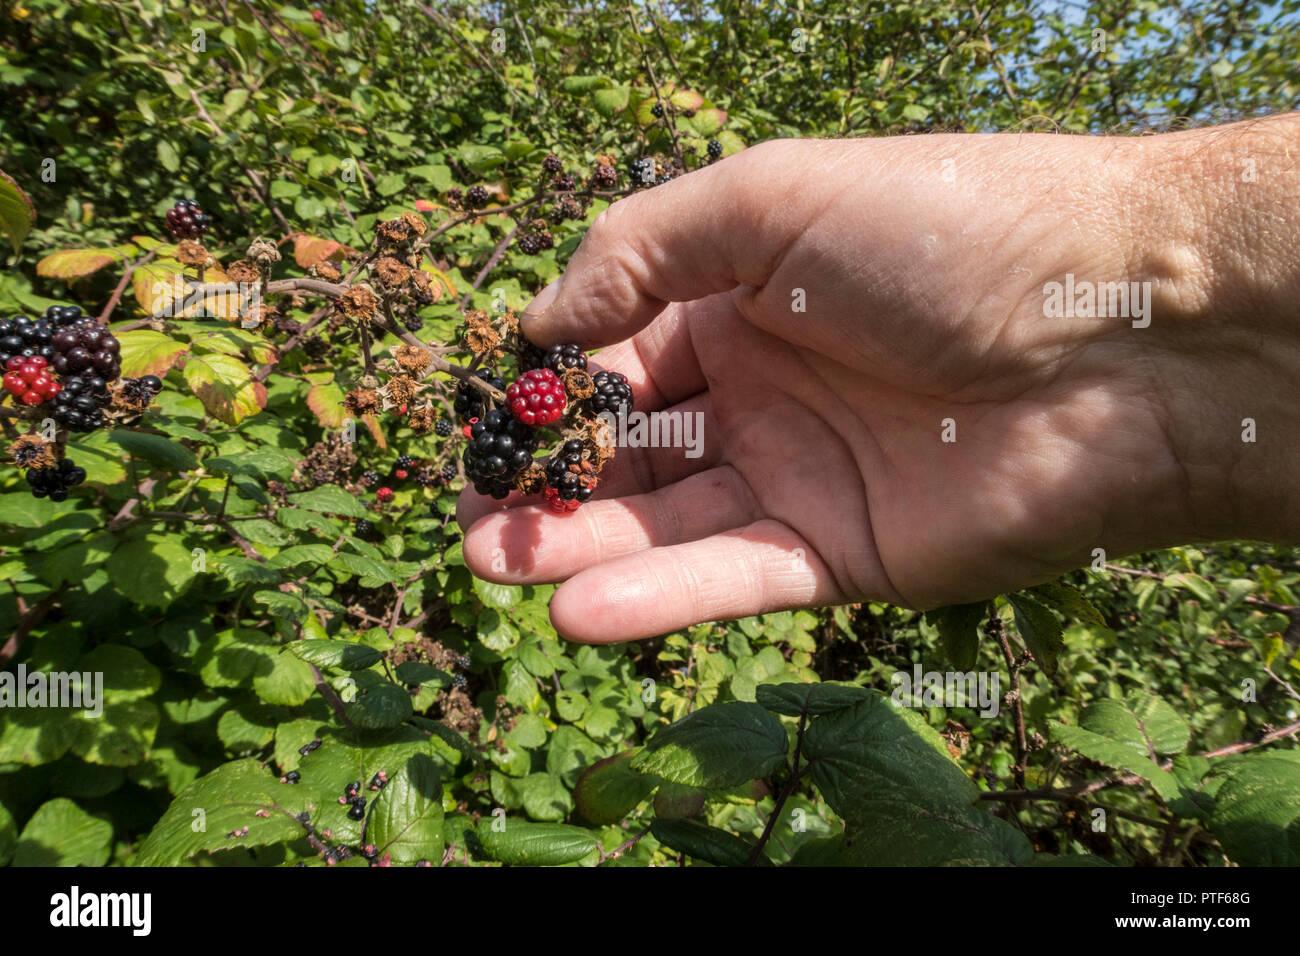 Picking blackberries growing wild in a hedge An edible fruit  in the genus Rubus in the family Rosaceae, Idaeobatus. - Stock Image